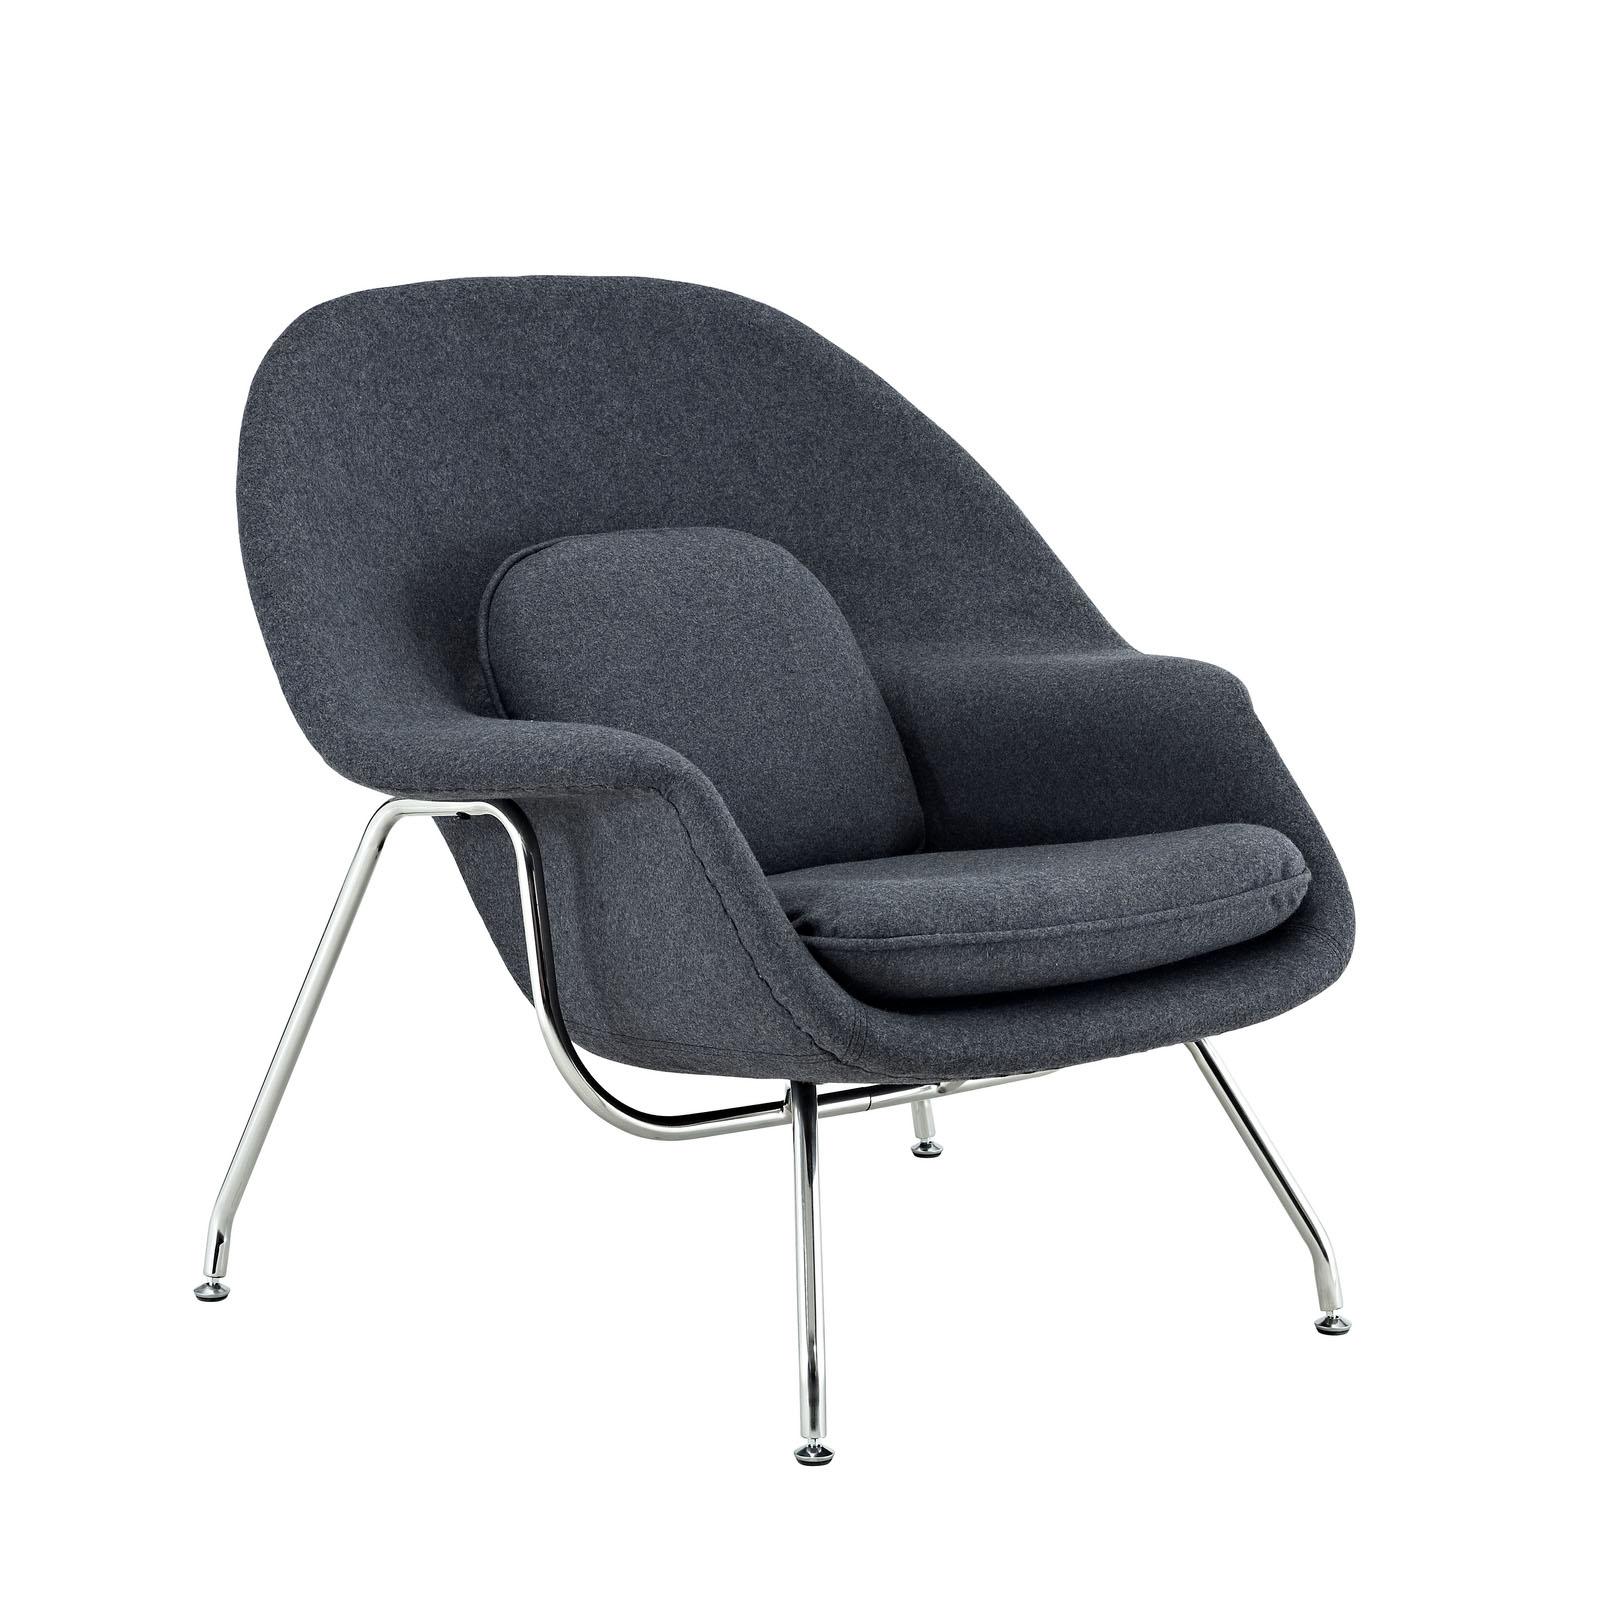 Eero Saarinen Womb Chair Rentals Event Furniture Rental